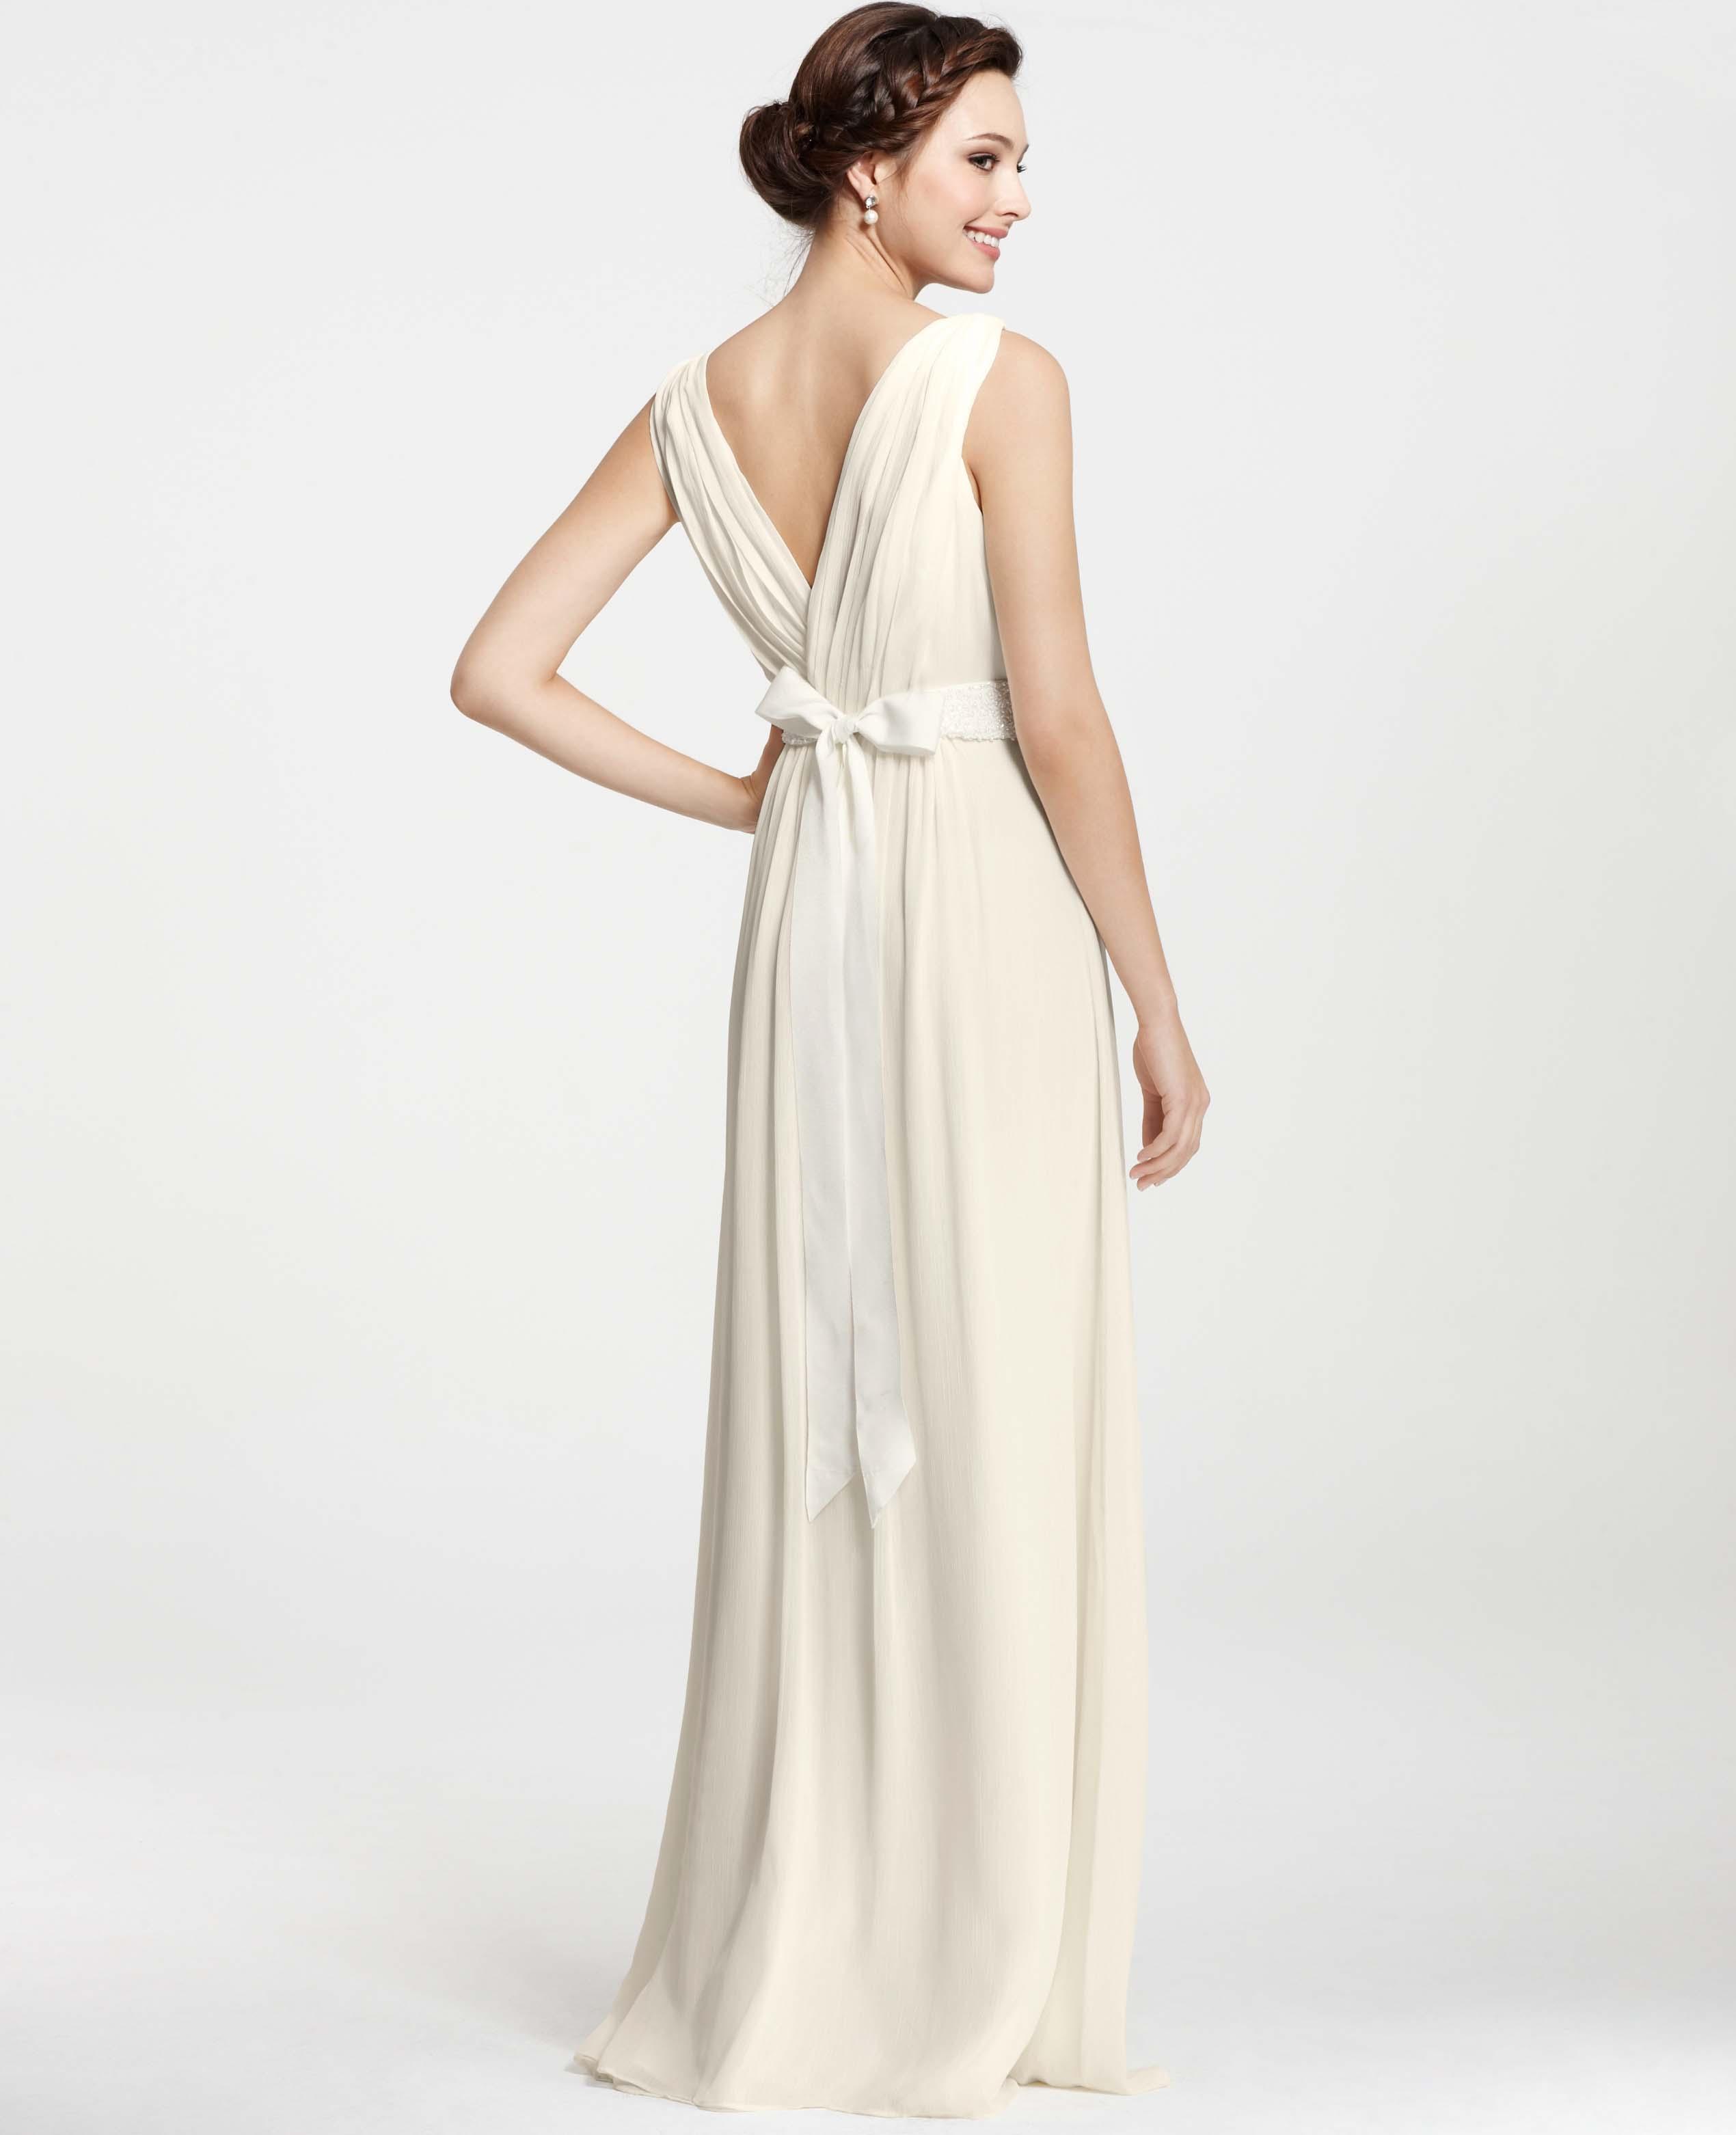 Goddess Wedding Dresses: Ann Taylor Goddess V-Neck Wedding Dress In White